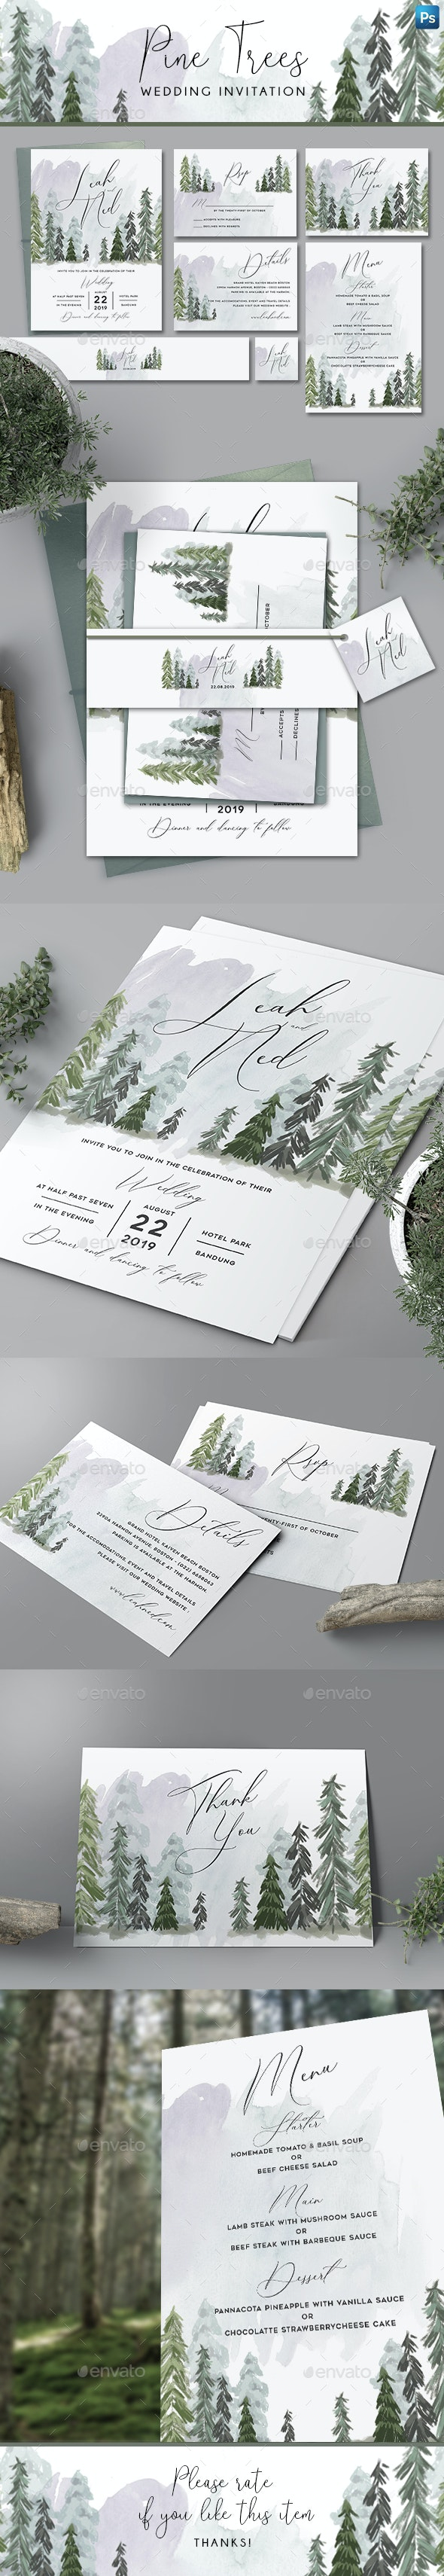 Pine Trees Wedding Invitation - Weddings Cards & Invites